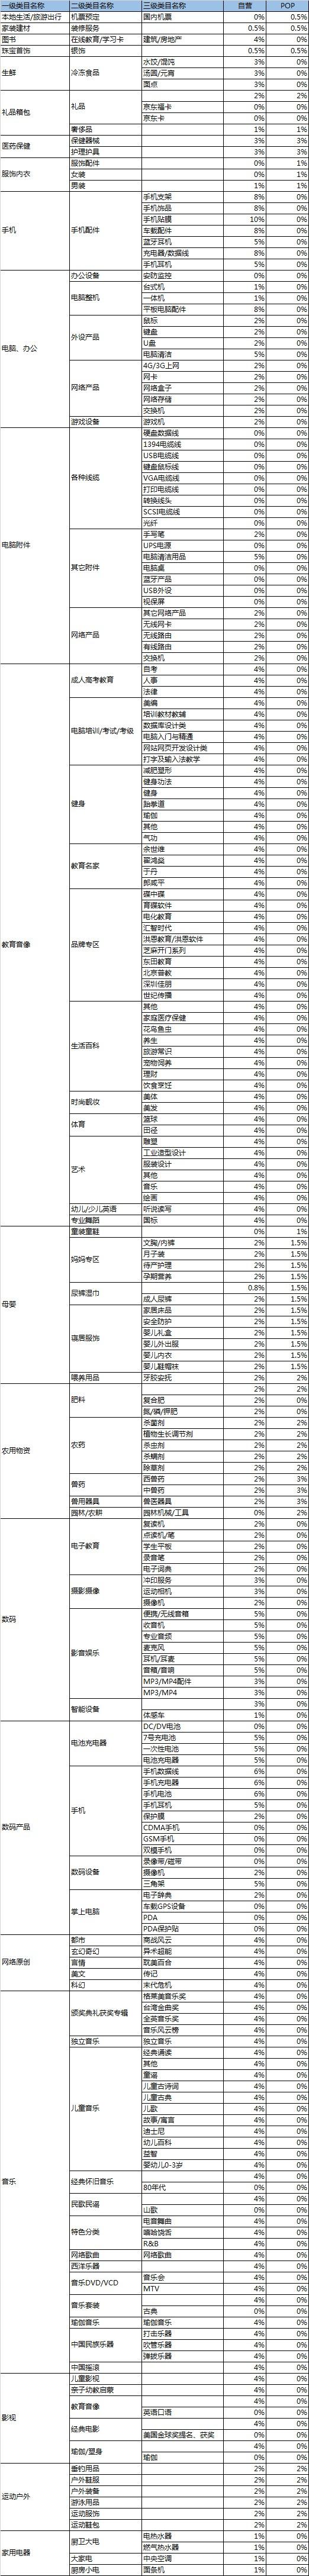 京东CPS联盟部分类目佣金比例调整公告